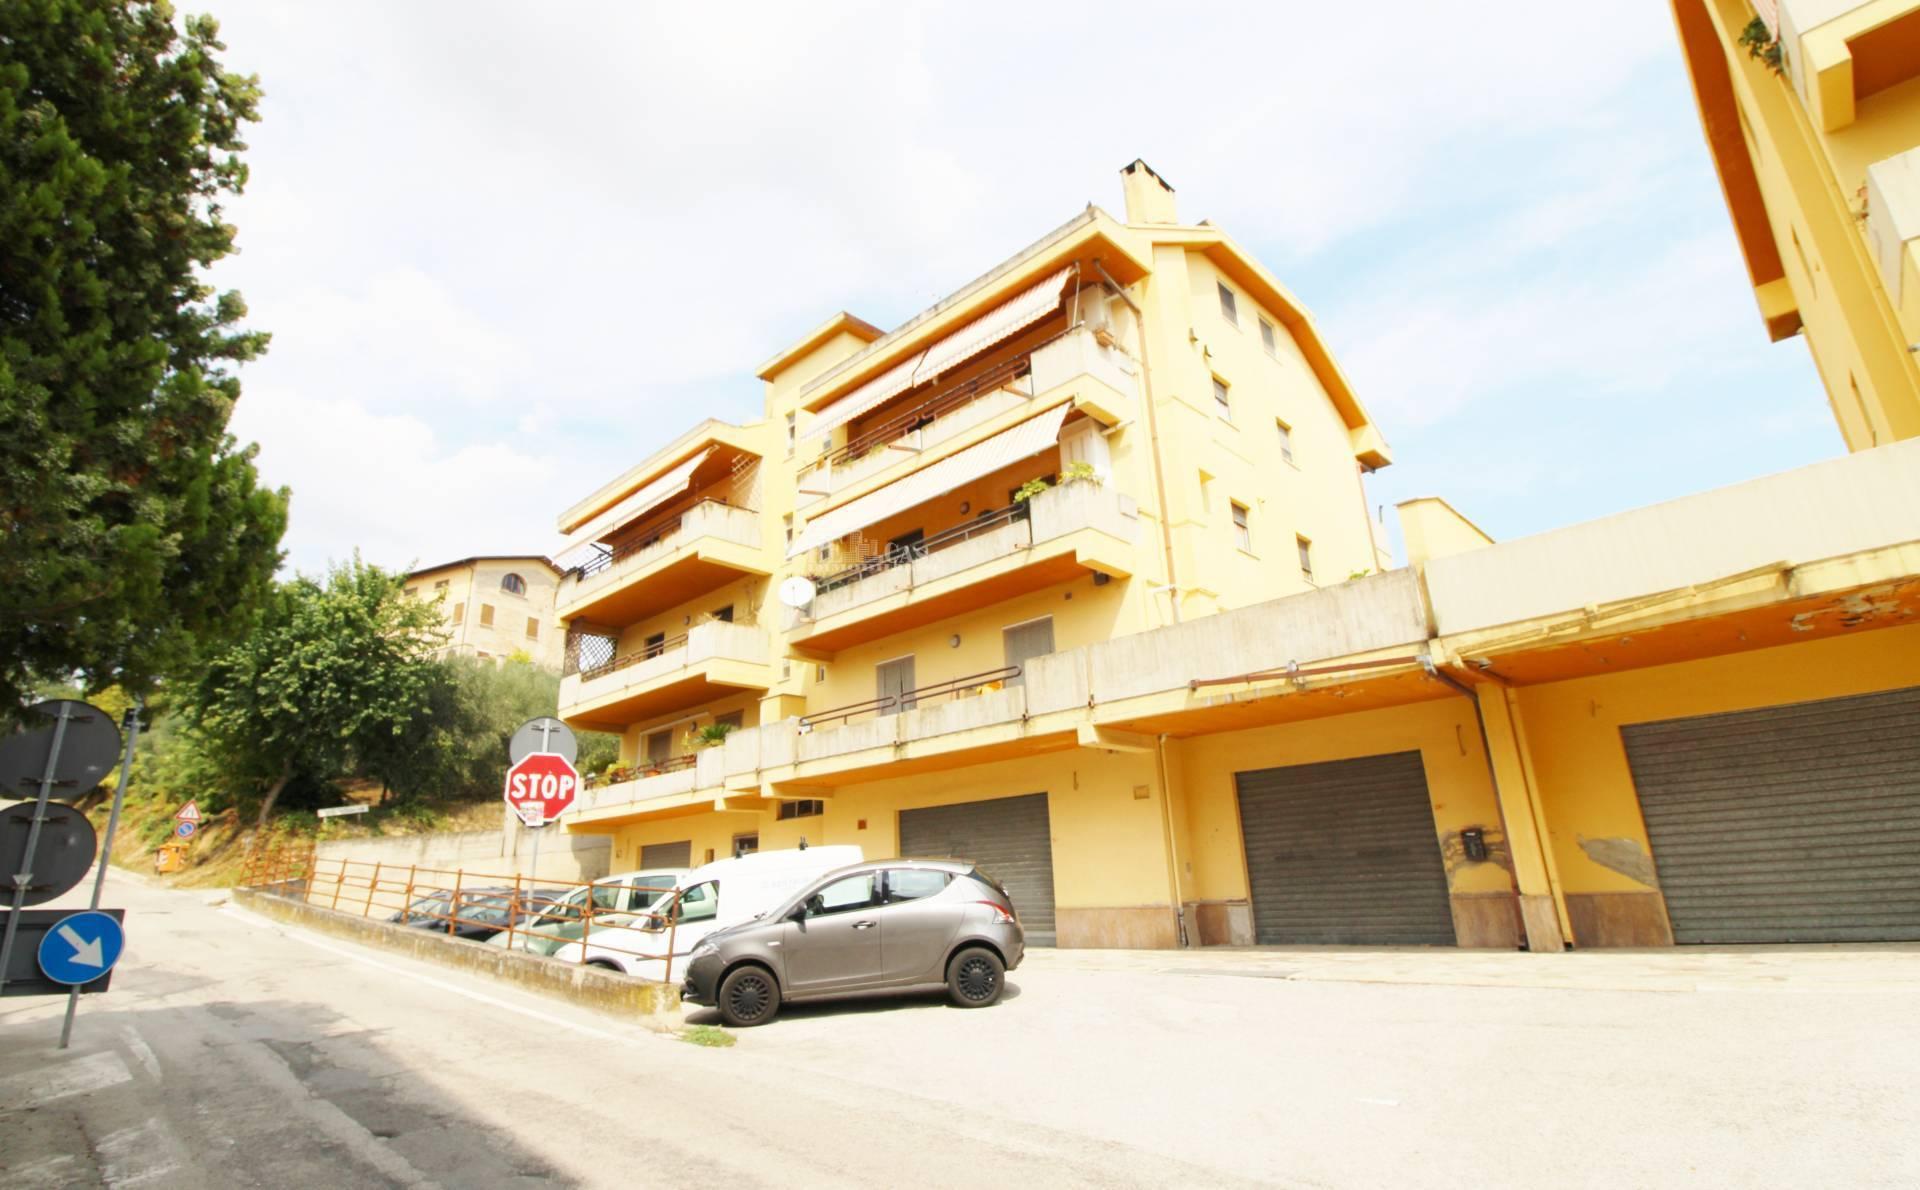 Appartamento in vendita a Monsampolo del Tronto, 4 locali, zona Località: STELLADIMONSAMPOLO, prezzo € 95.000   PortaleAgenzieImmobiliari.it